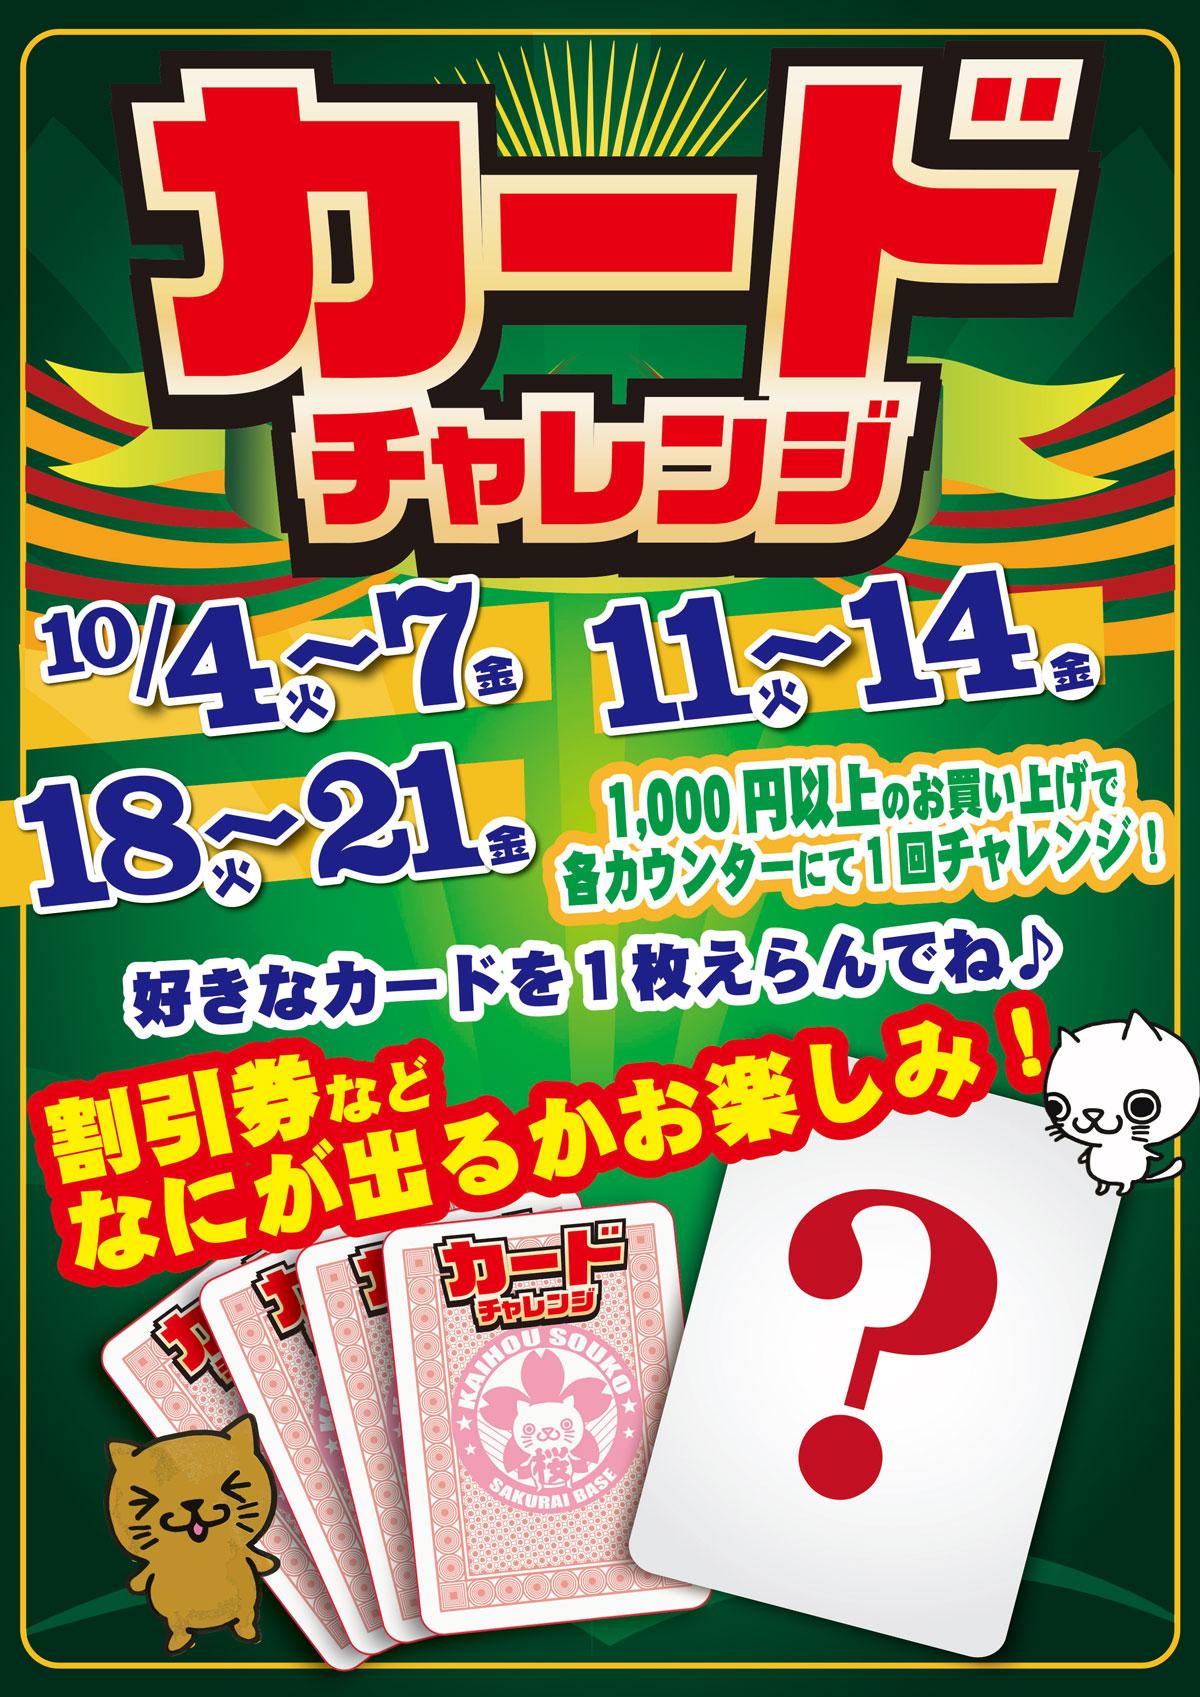 「開放倉庫桜井店」2016年10月1,2,3週の平日イベント開催!お楽しみに!